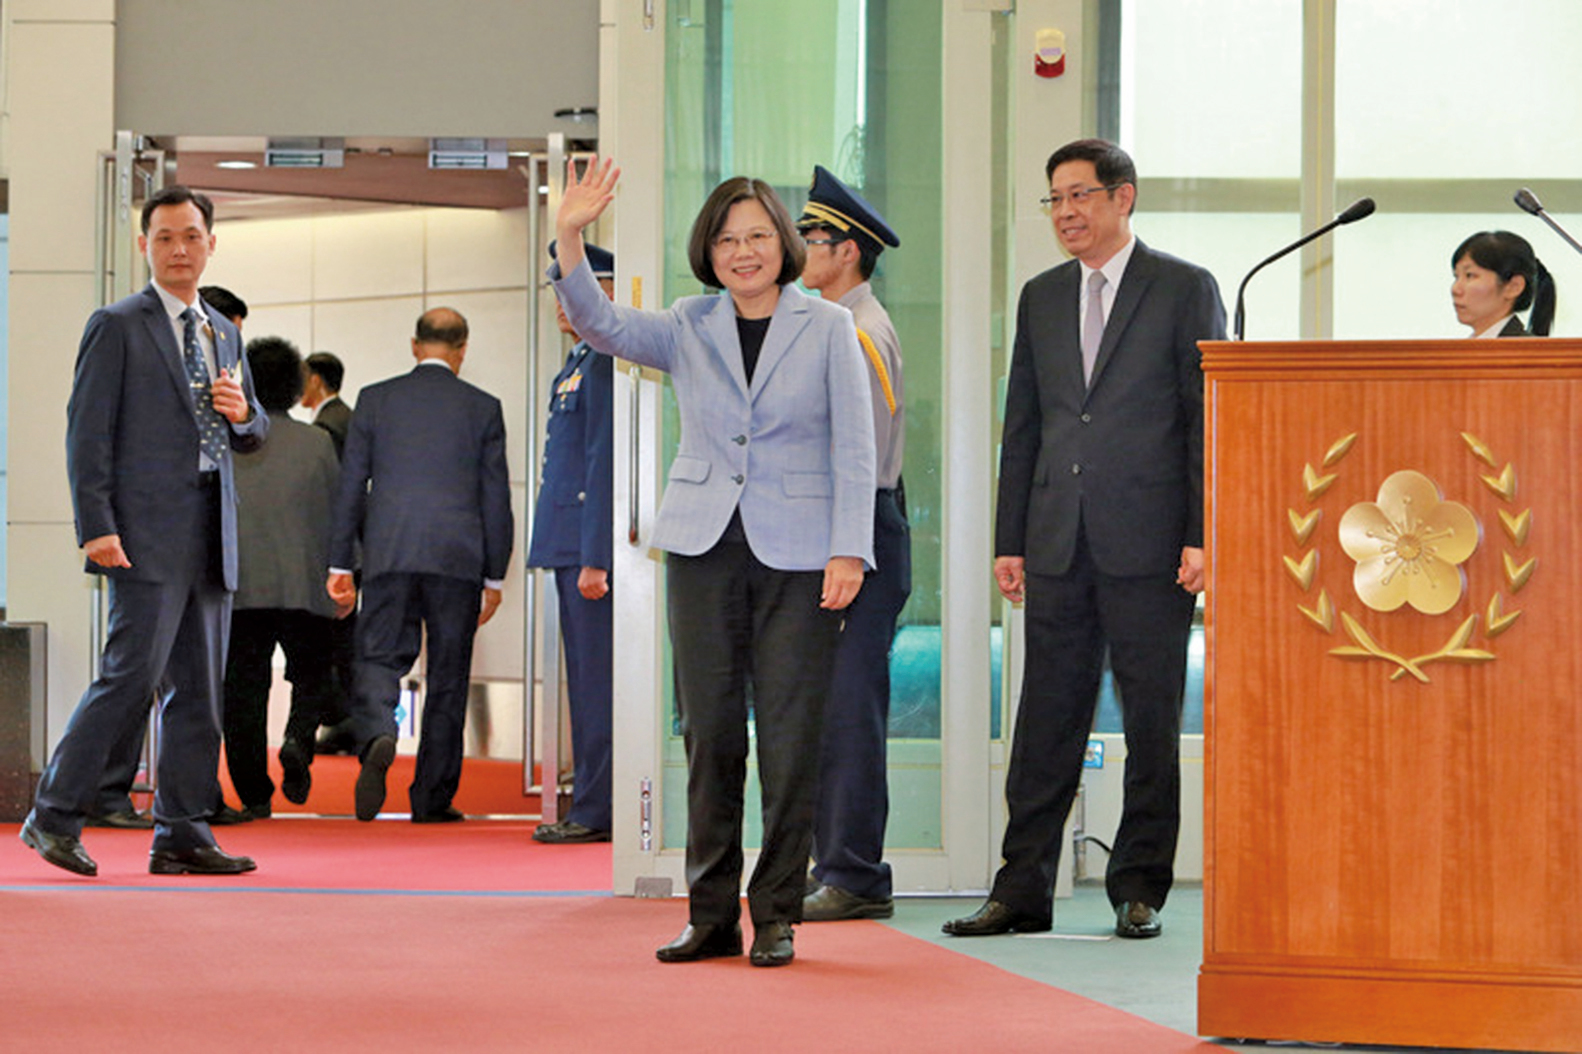 中華民國總統蔡英文出訪中南美前過境美國洛杉磯,受到當地僑民熱烈歡迎。(中央社)